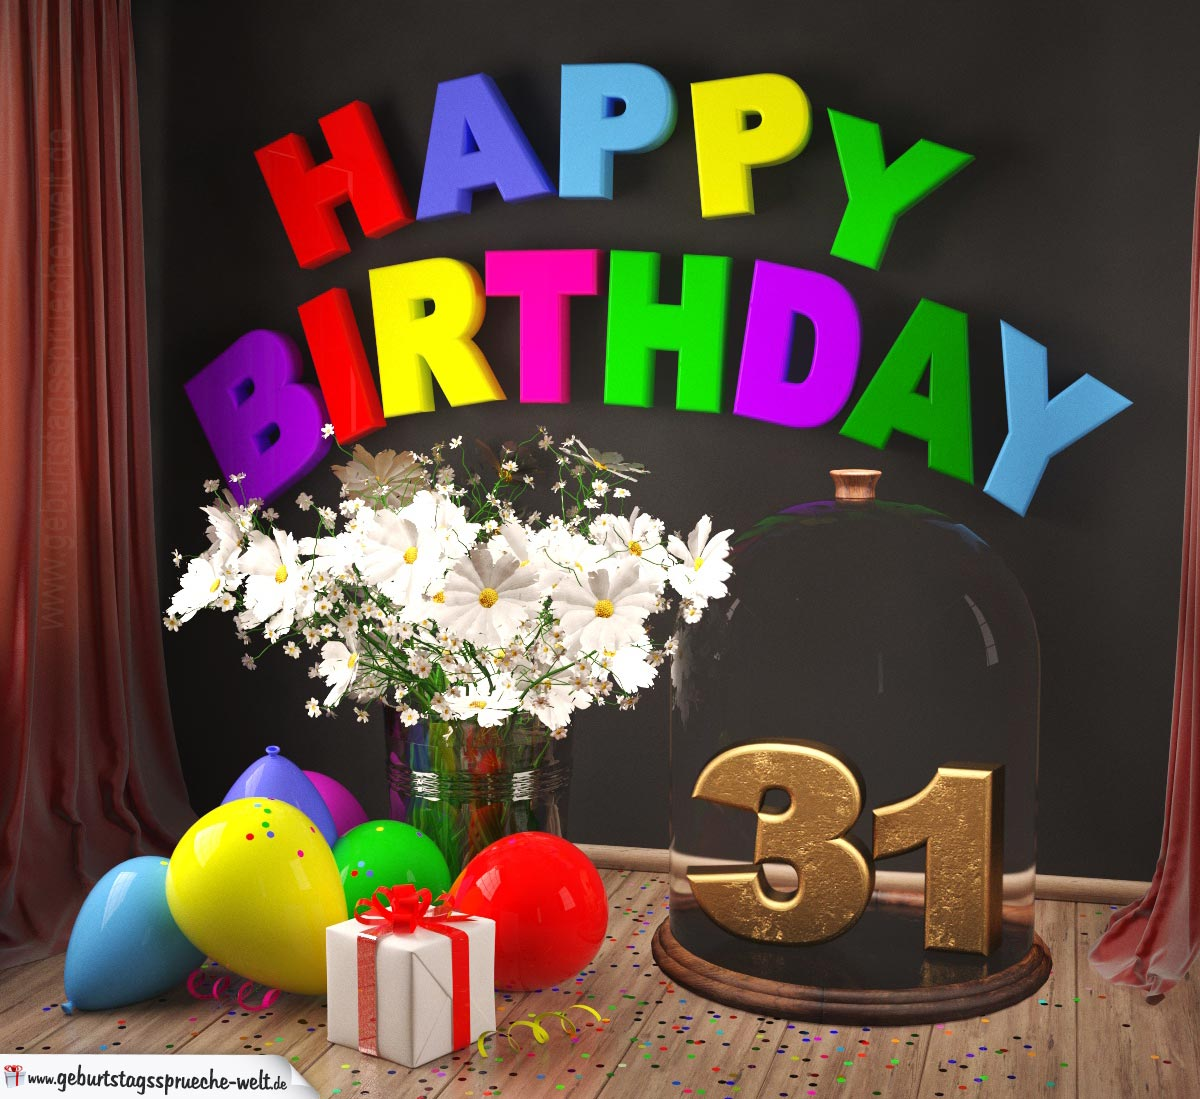 Happy Birthday 31 Jahre Glückwunschkarte mit Margeriten-Blumenstrauß, Luftballons und Geschenk unter Glasglocke